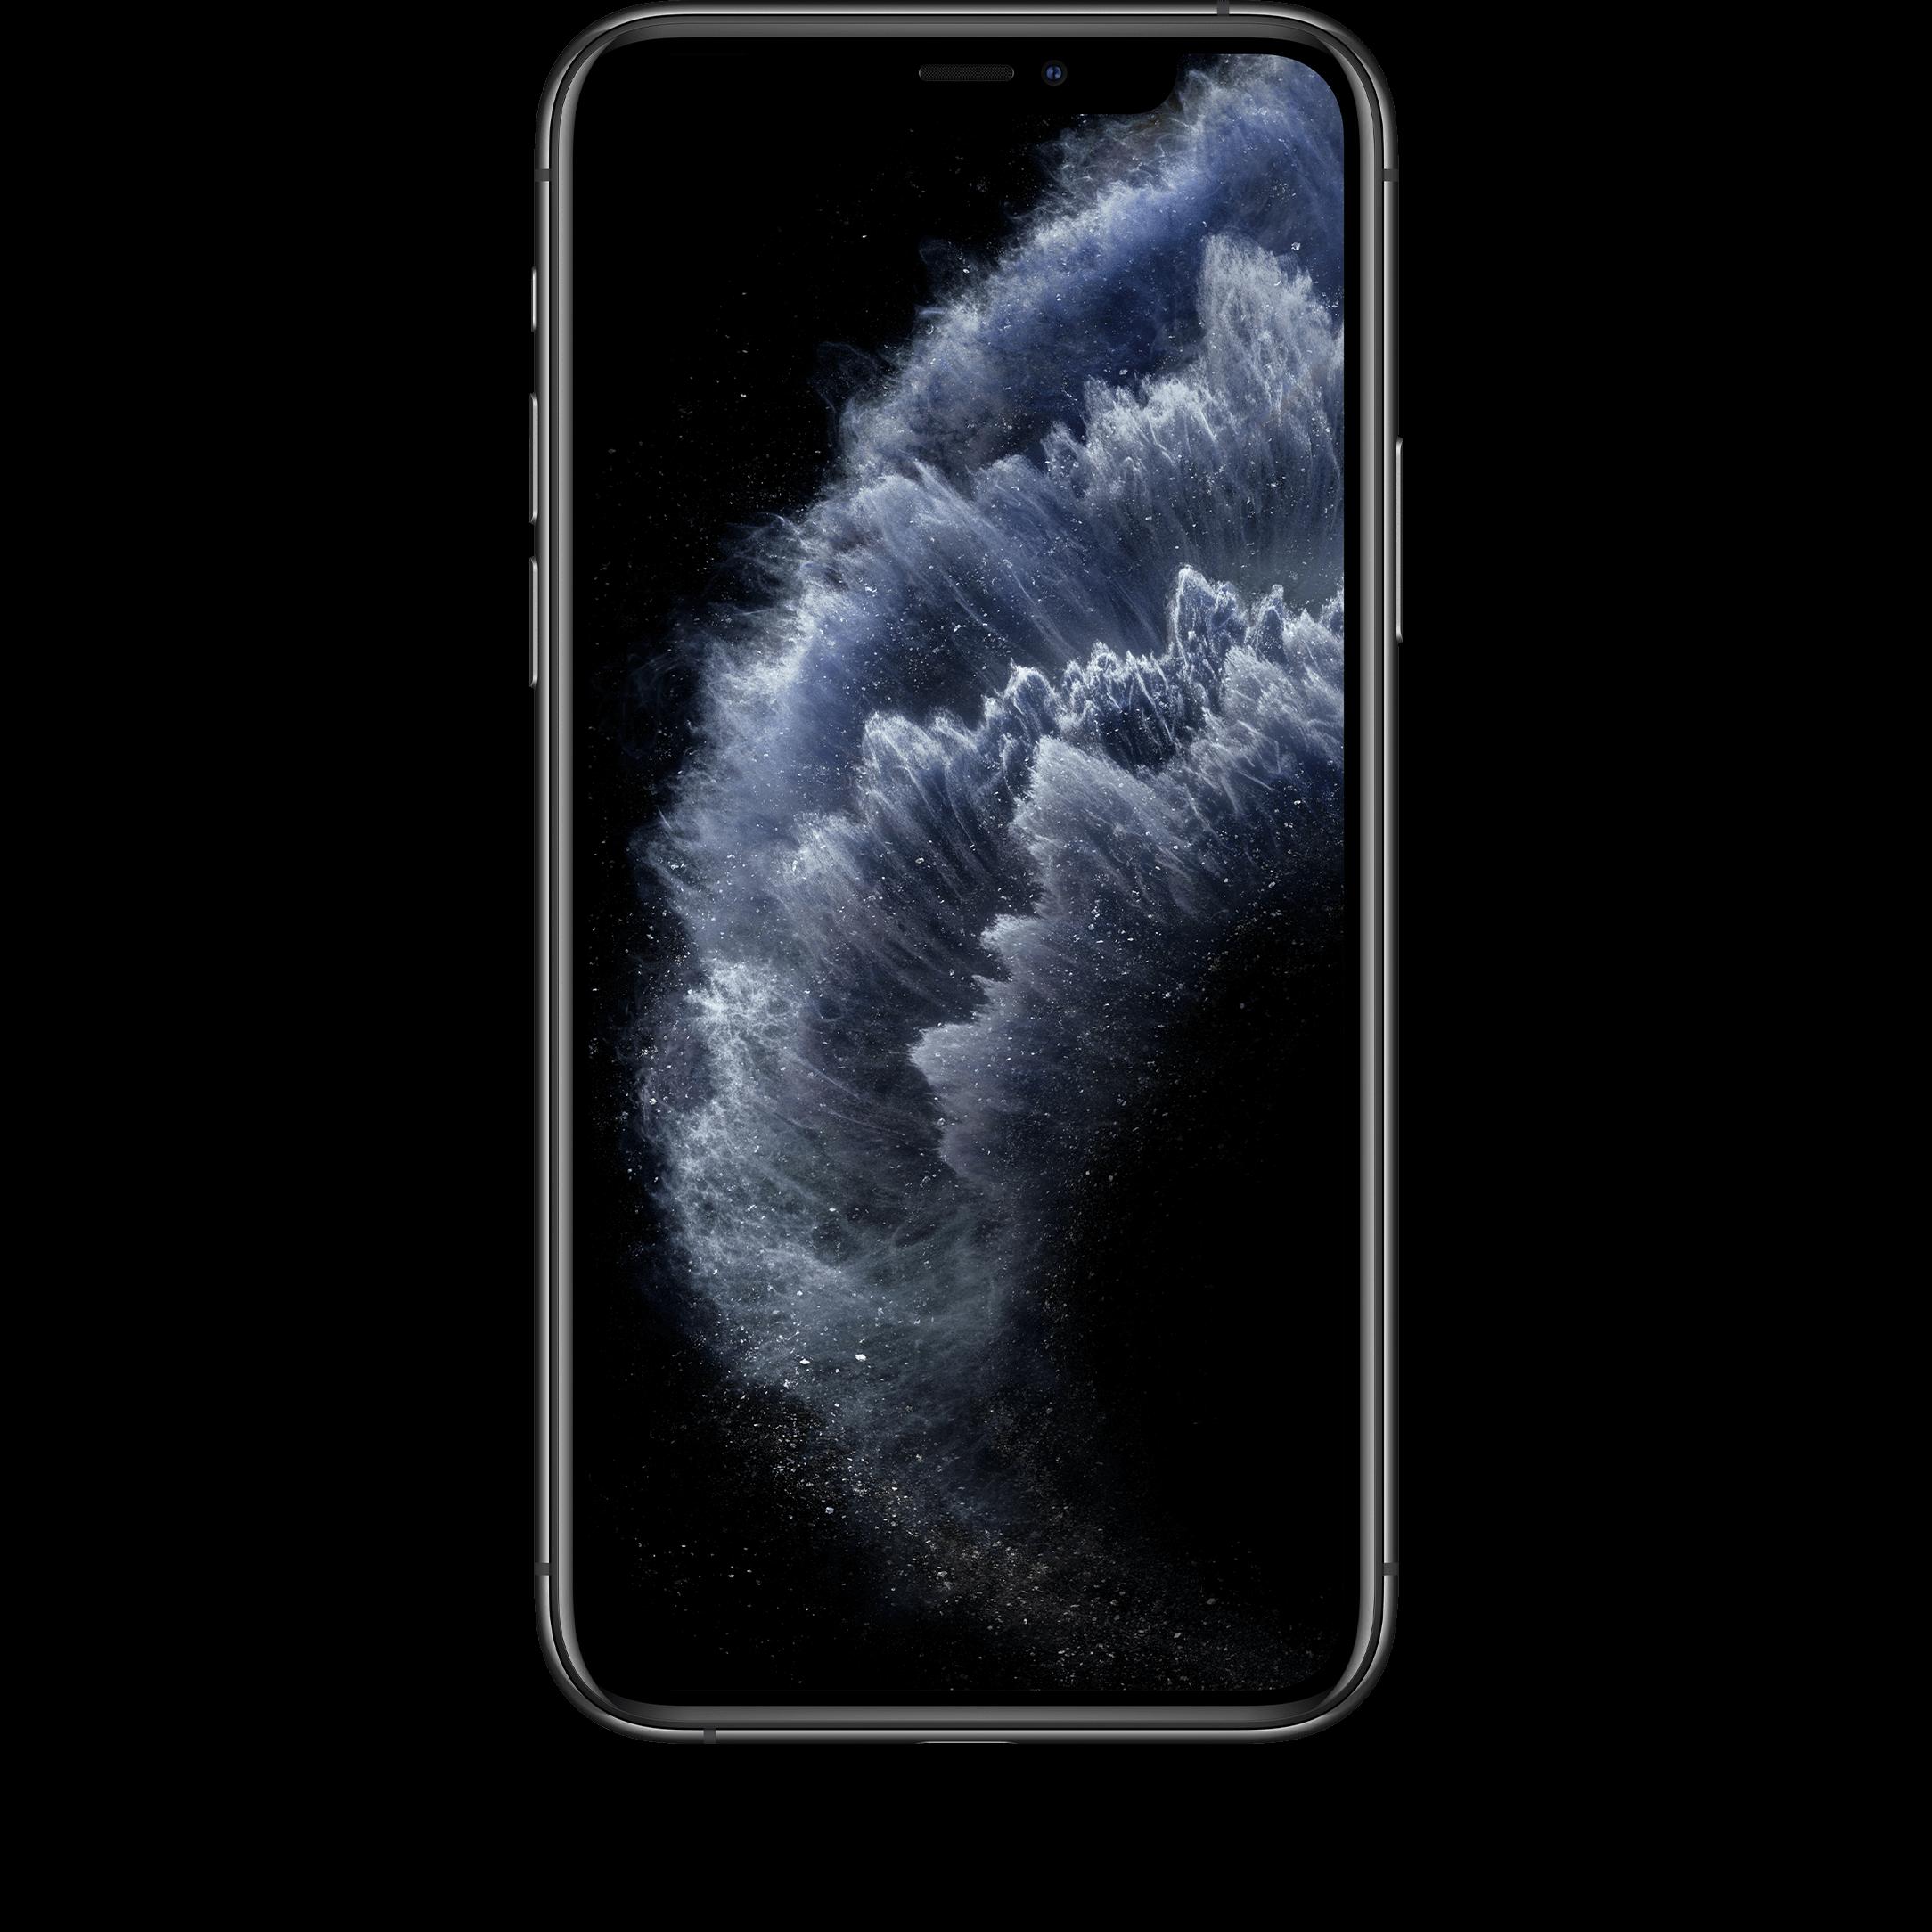 Günstig Kaufen beim Preisvergleich-Apple iPhone 11 Pro 64 GB spacegrau mit Allnet Flat L